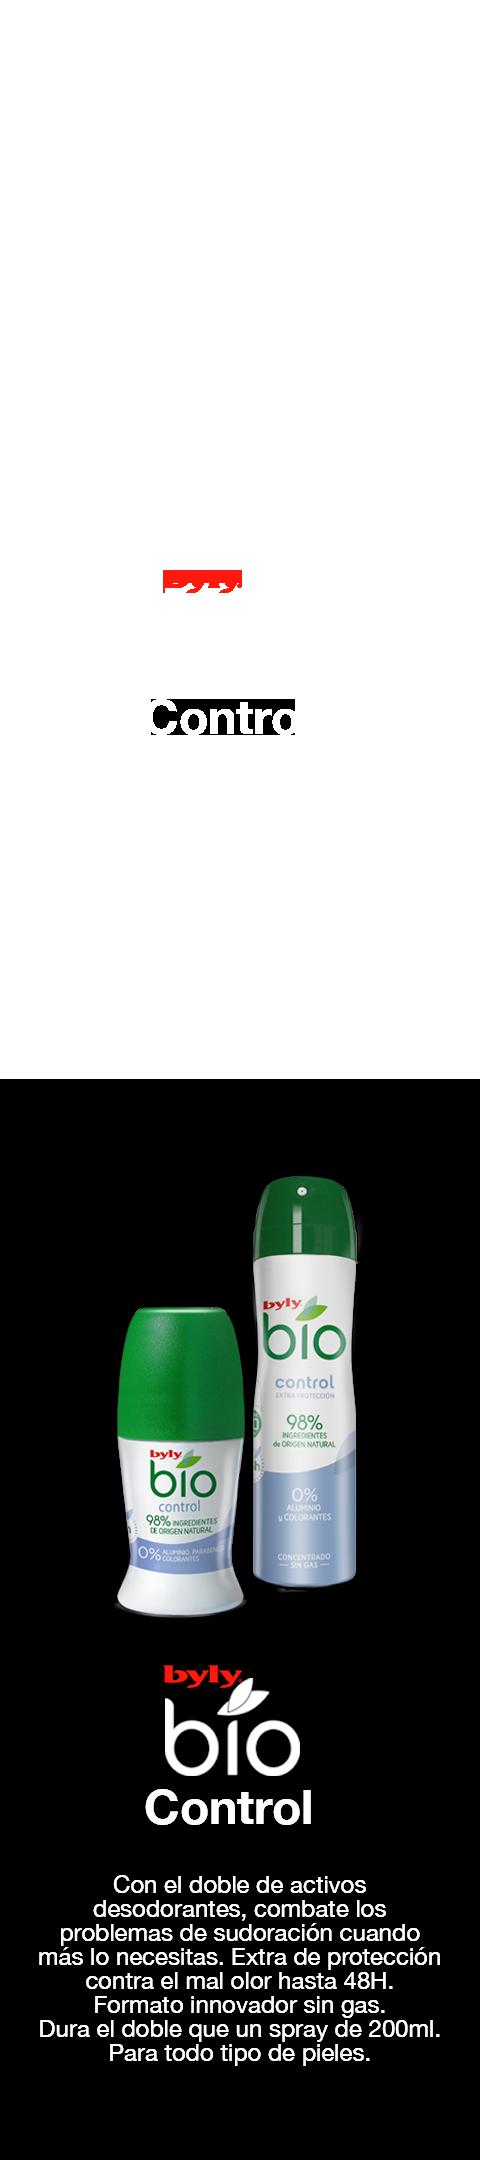 Desodorante bio natural